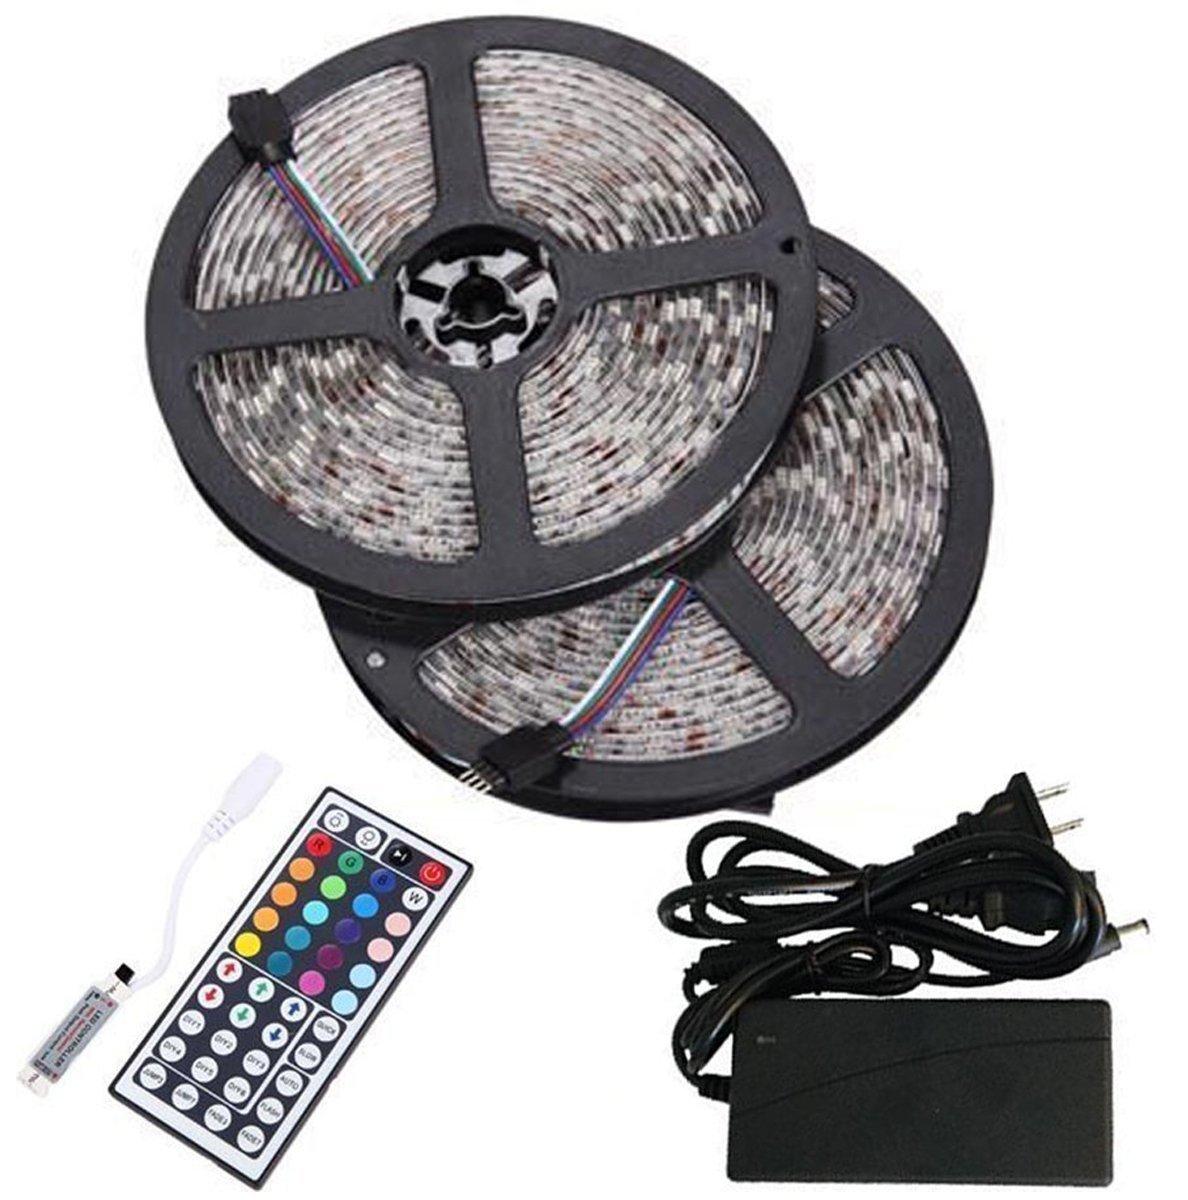 innovative design 3e15b 0465c BMOUO 2 Reels 12V 32.8ft Waterproof Flexible RGB LED Strip Light Kit,  Multi-colored, SMD5050 300 LEDs, LED Strip Kit & MINI 44-key IR Controller  + 12V ...